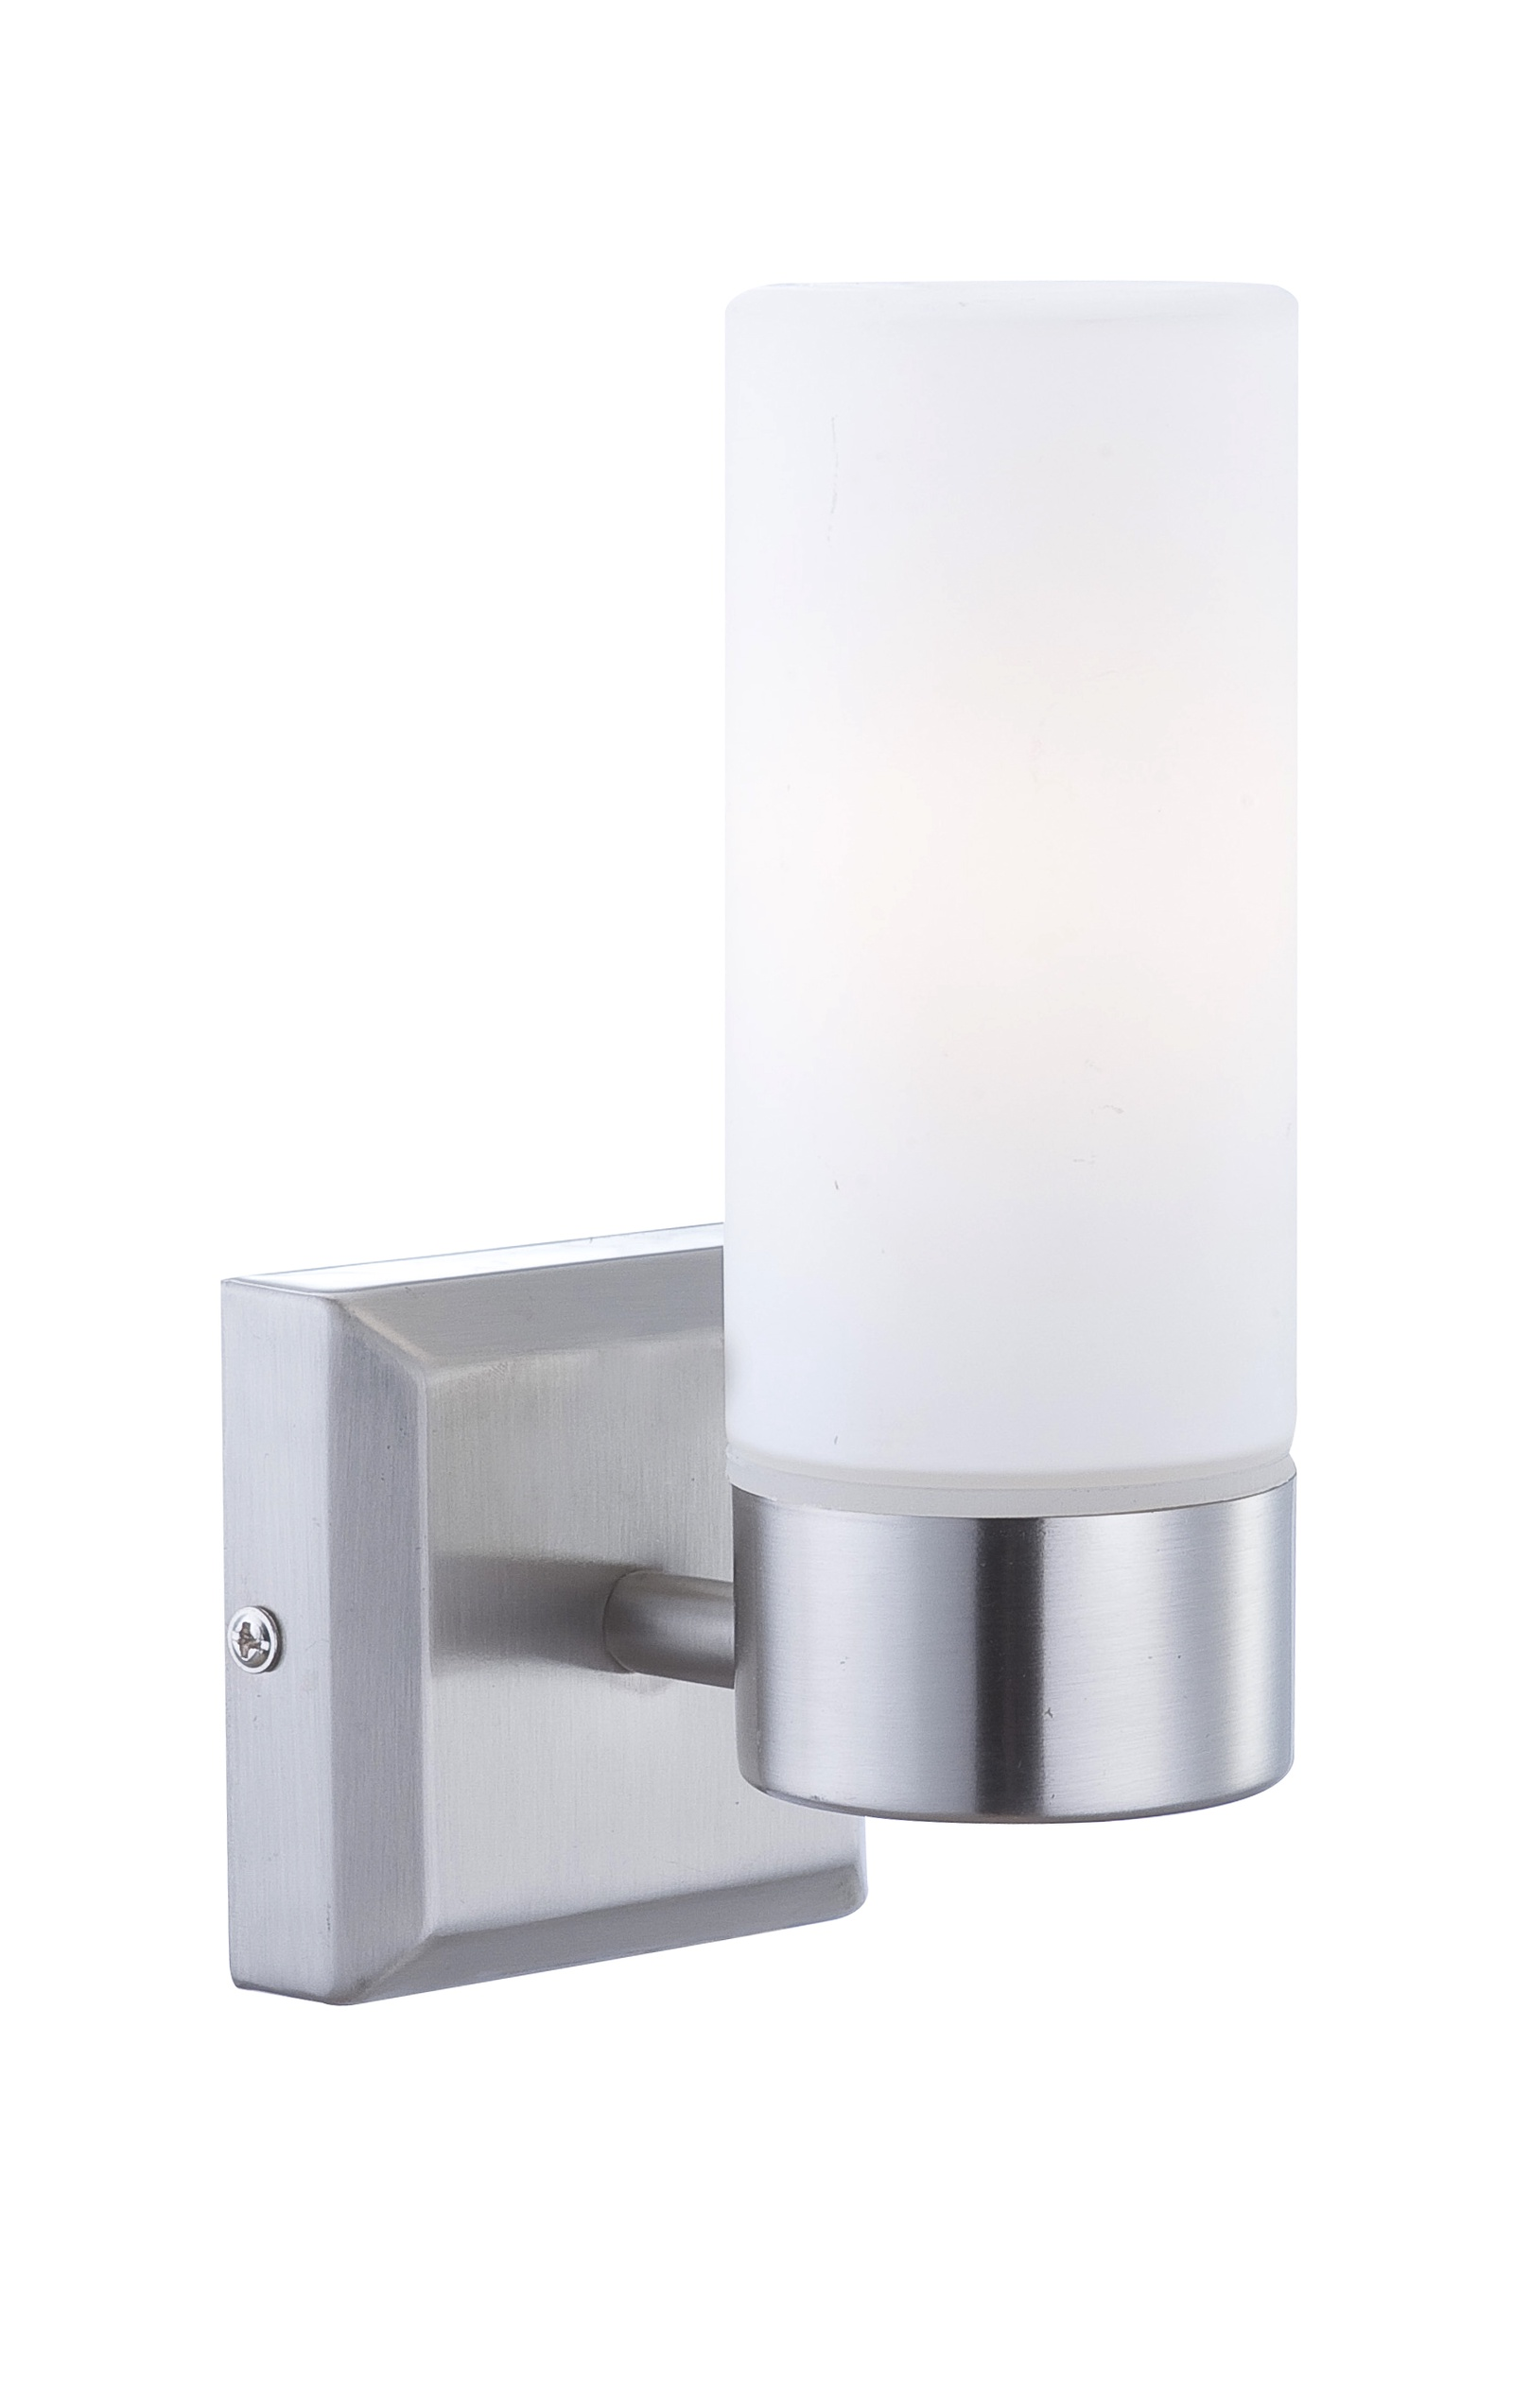 Настенно-потолочный светильник Globo Space, серый потолочный светильник globo new 0332 серый металлик